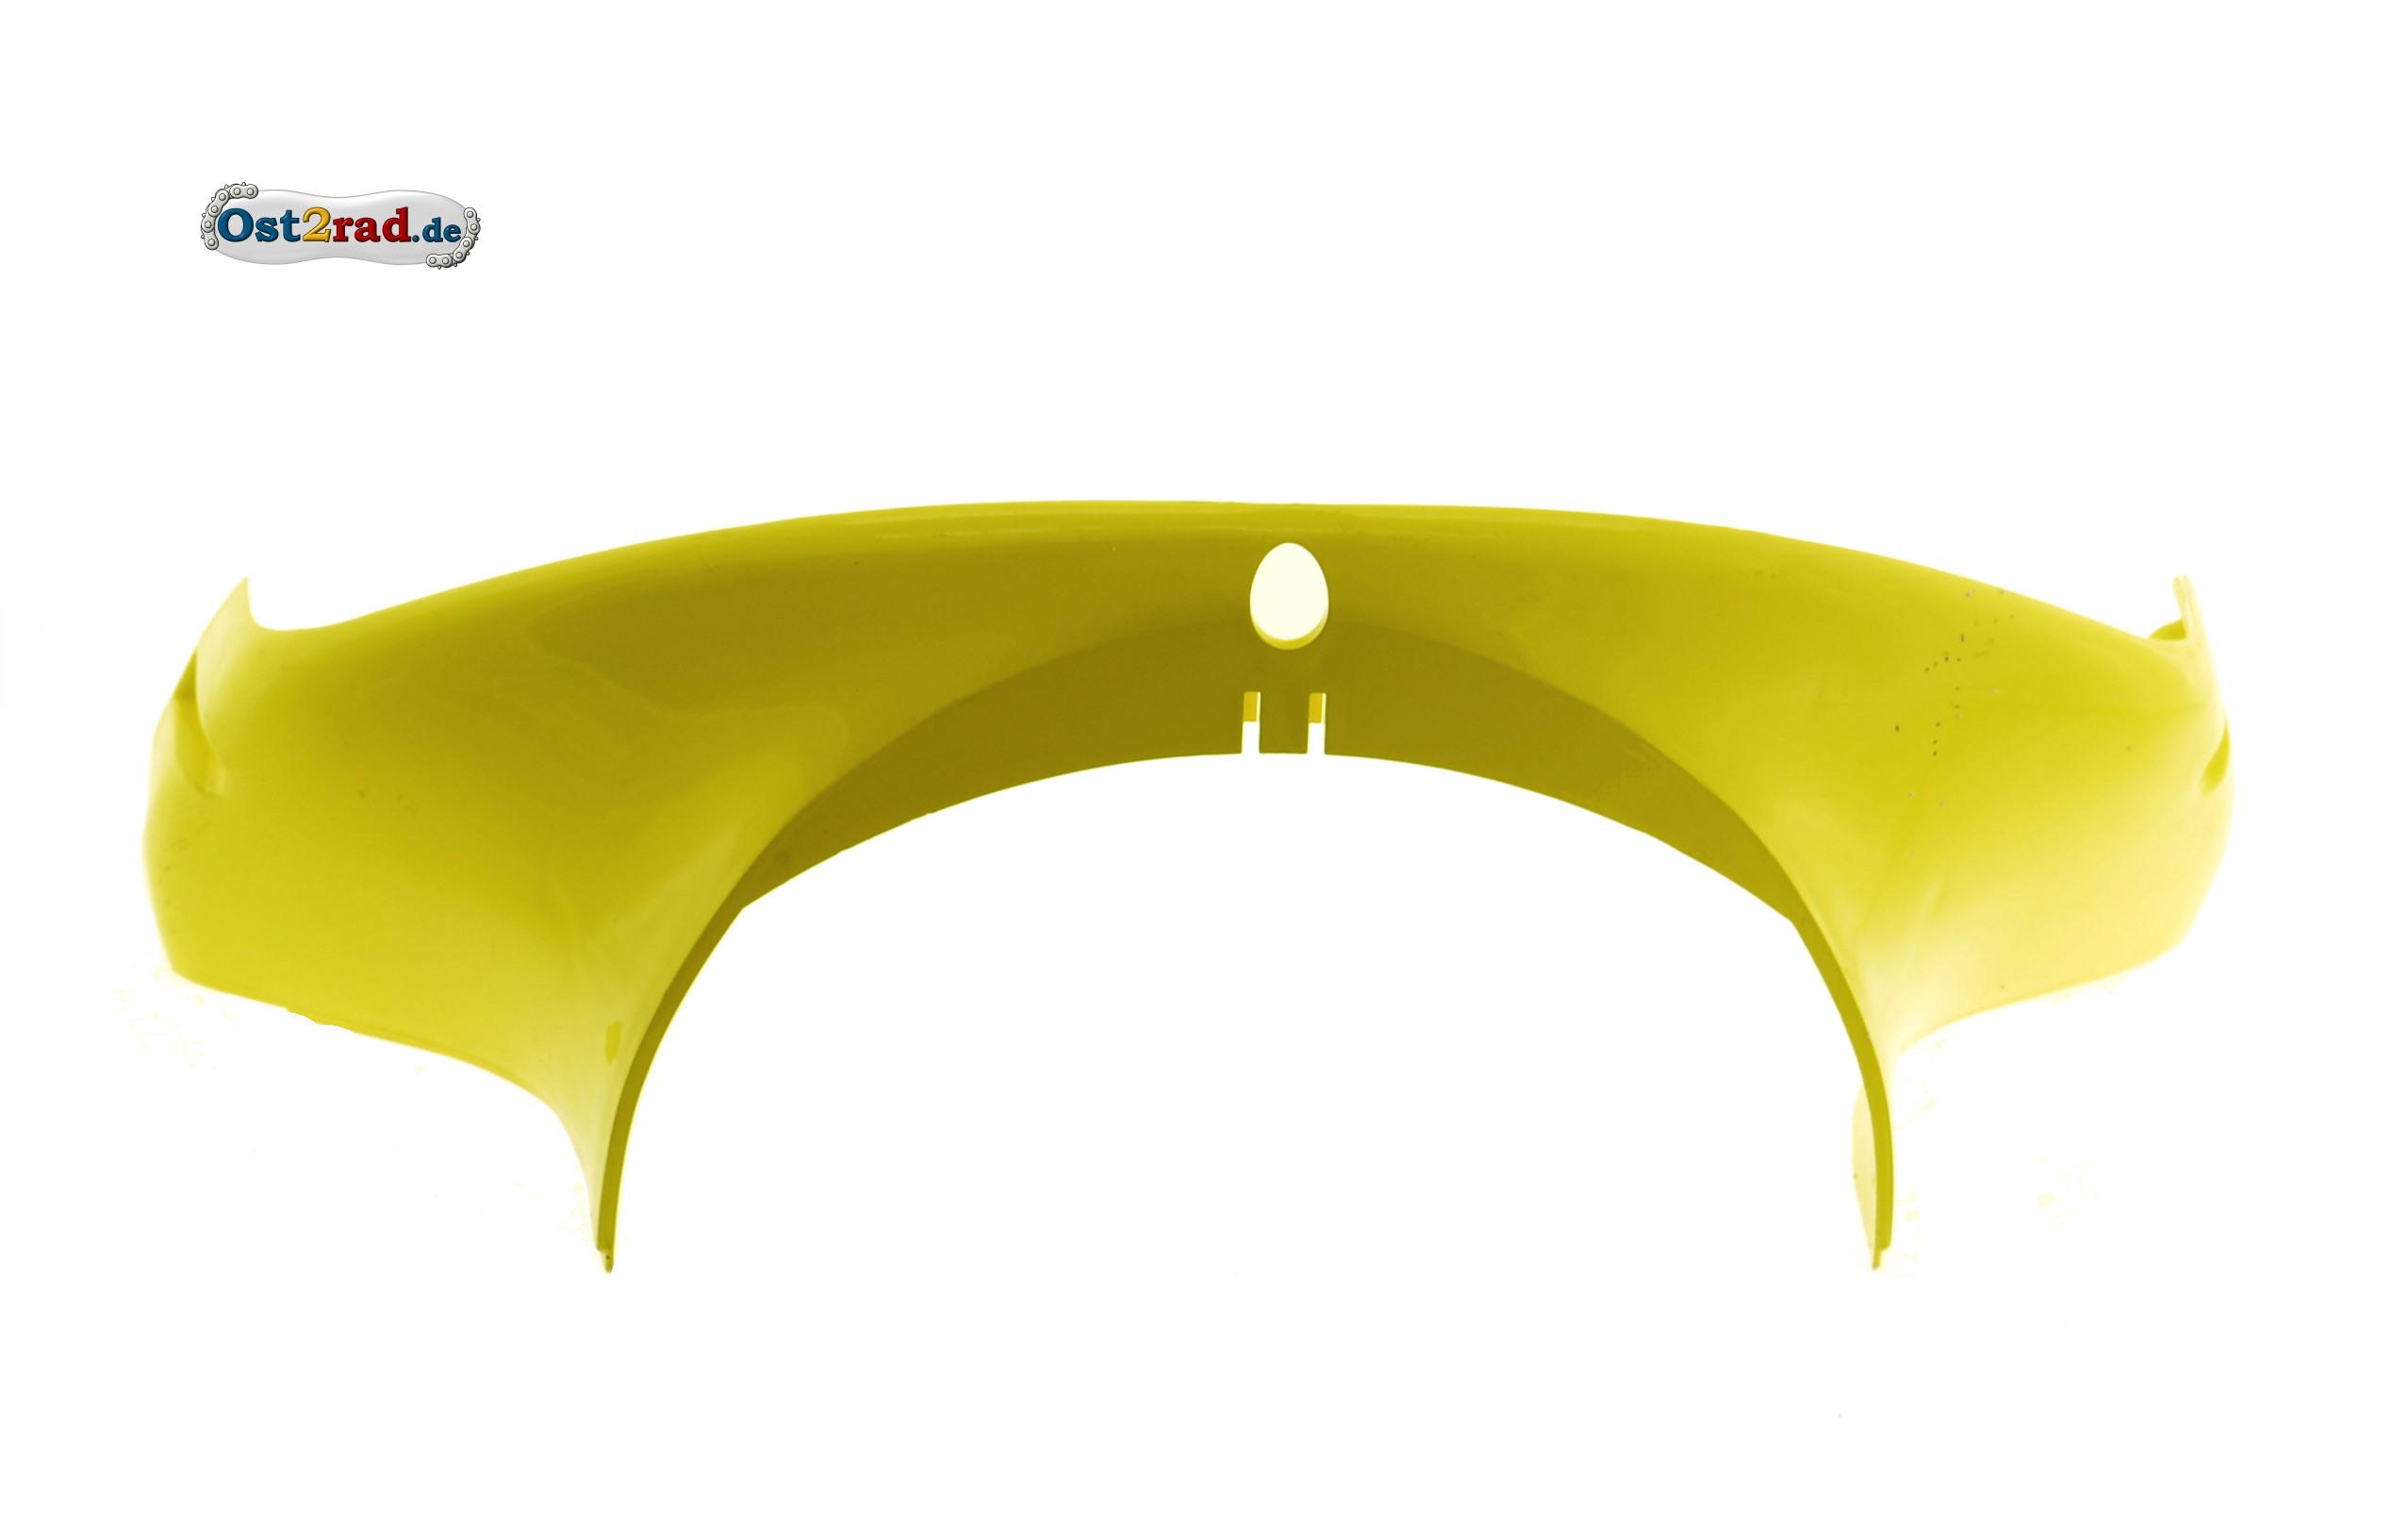 unterteil scheinwerfergeh use simson star 50. Black Bedroom Furniture Sets. Home Design Ideas